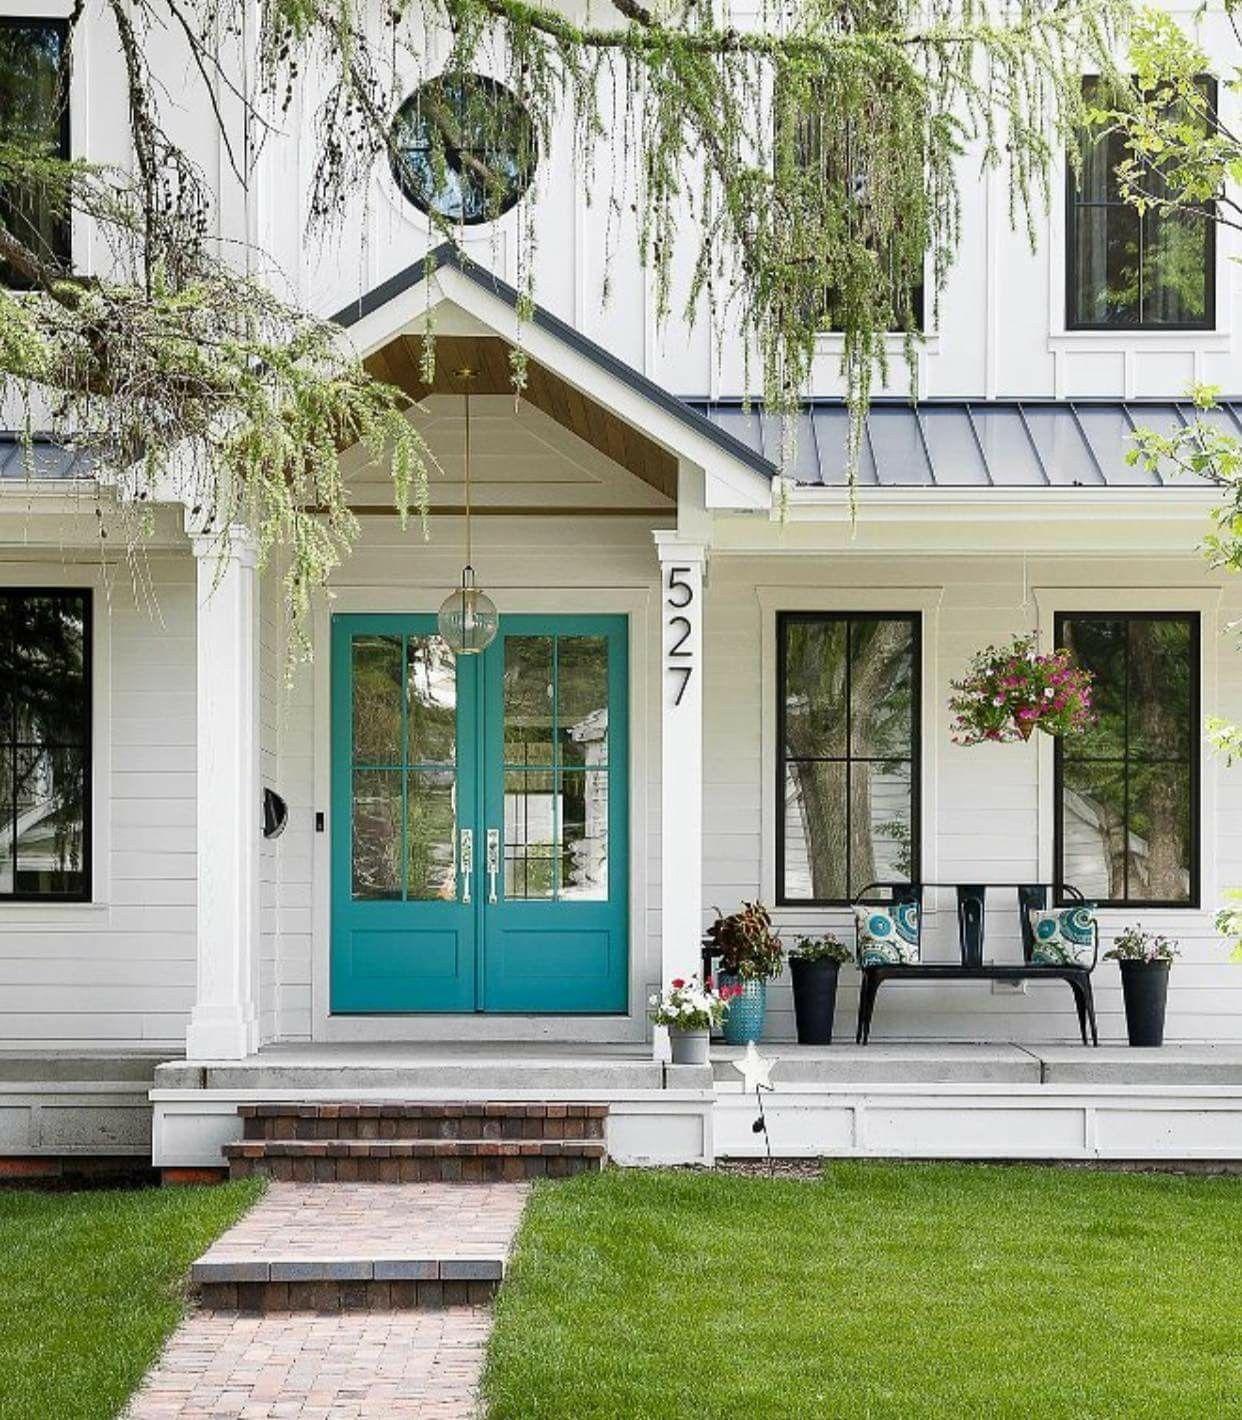 Farmhouse exterior. White House with black window trim